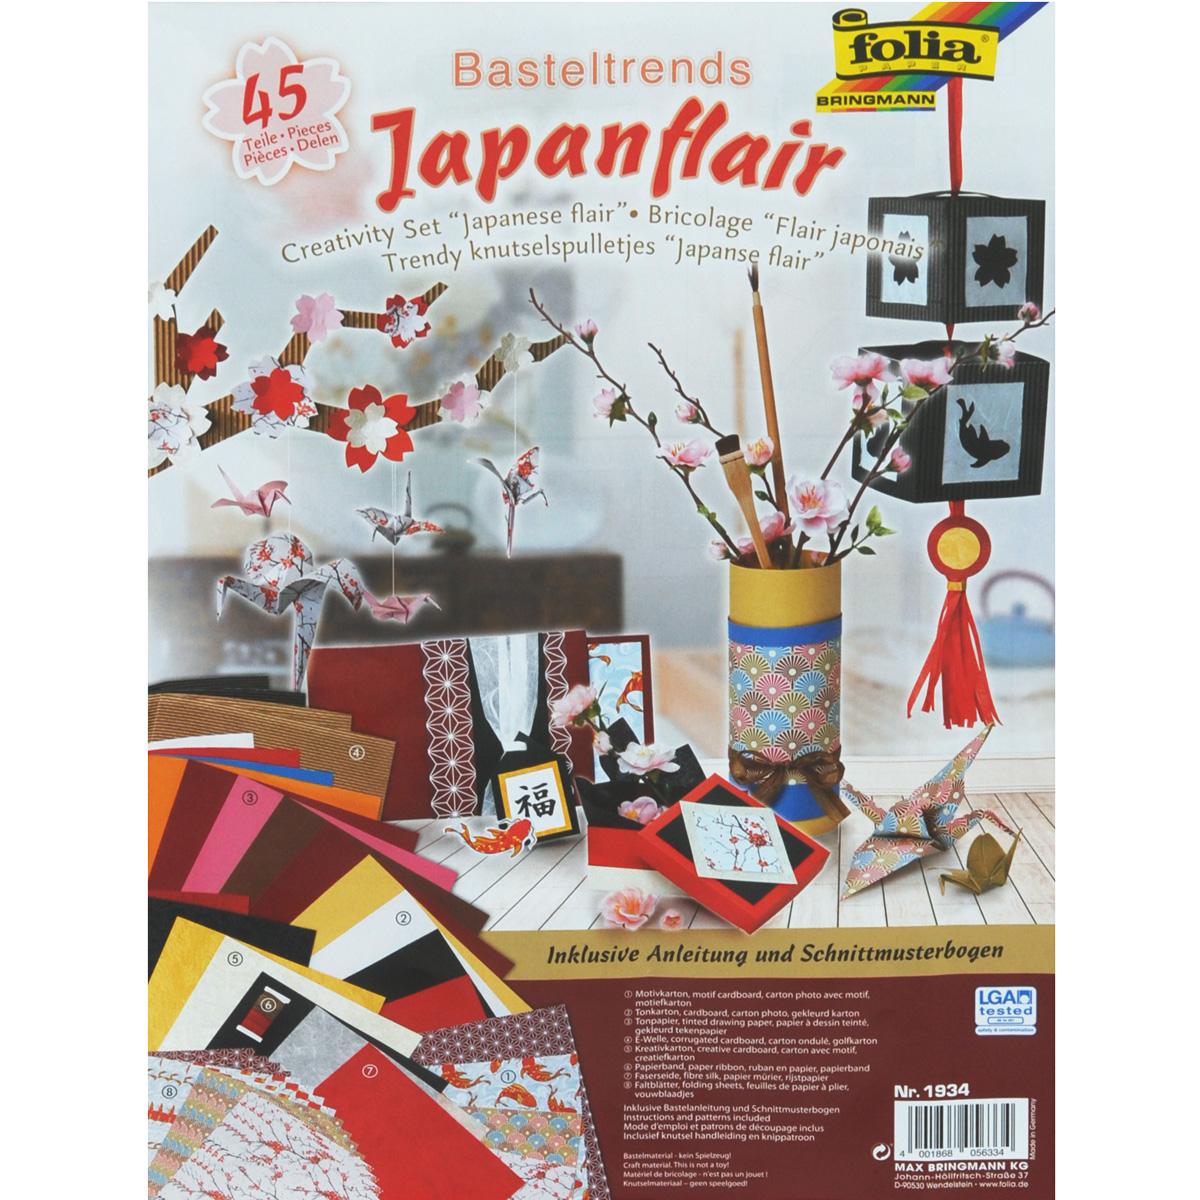 Набор дизайнерской бумаги для творчества Folia Японские мотивы, 45 элементов